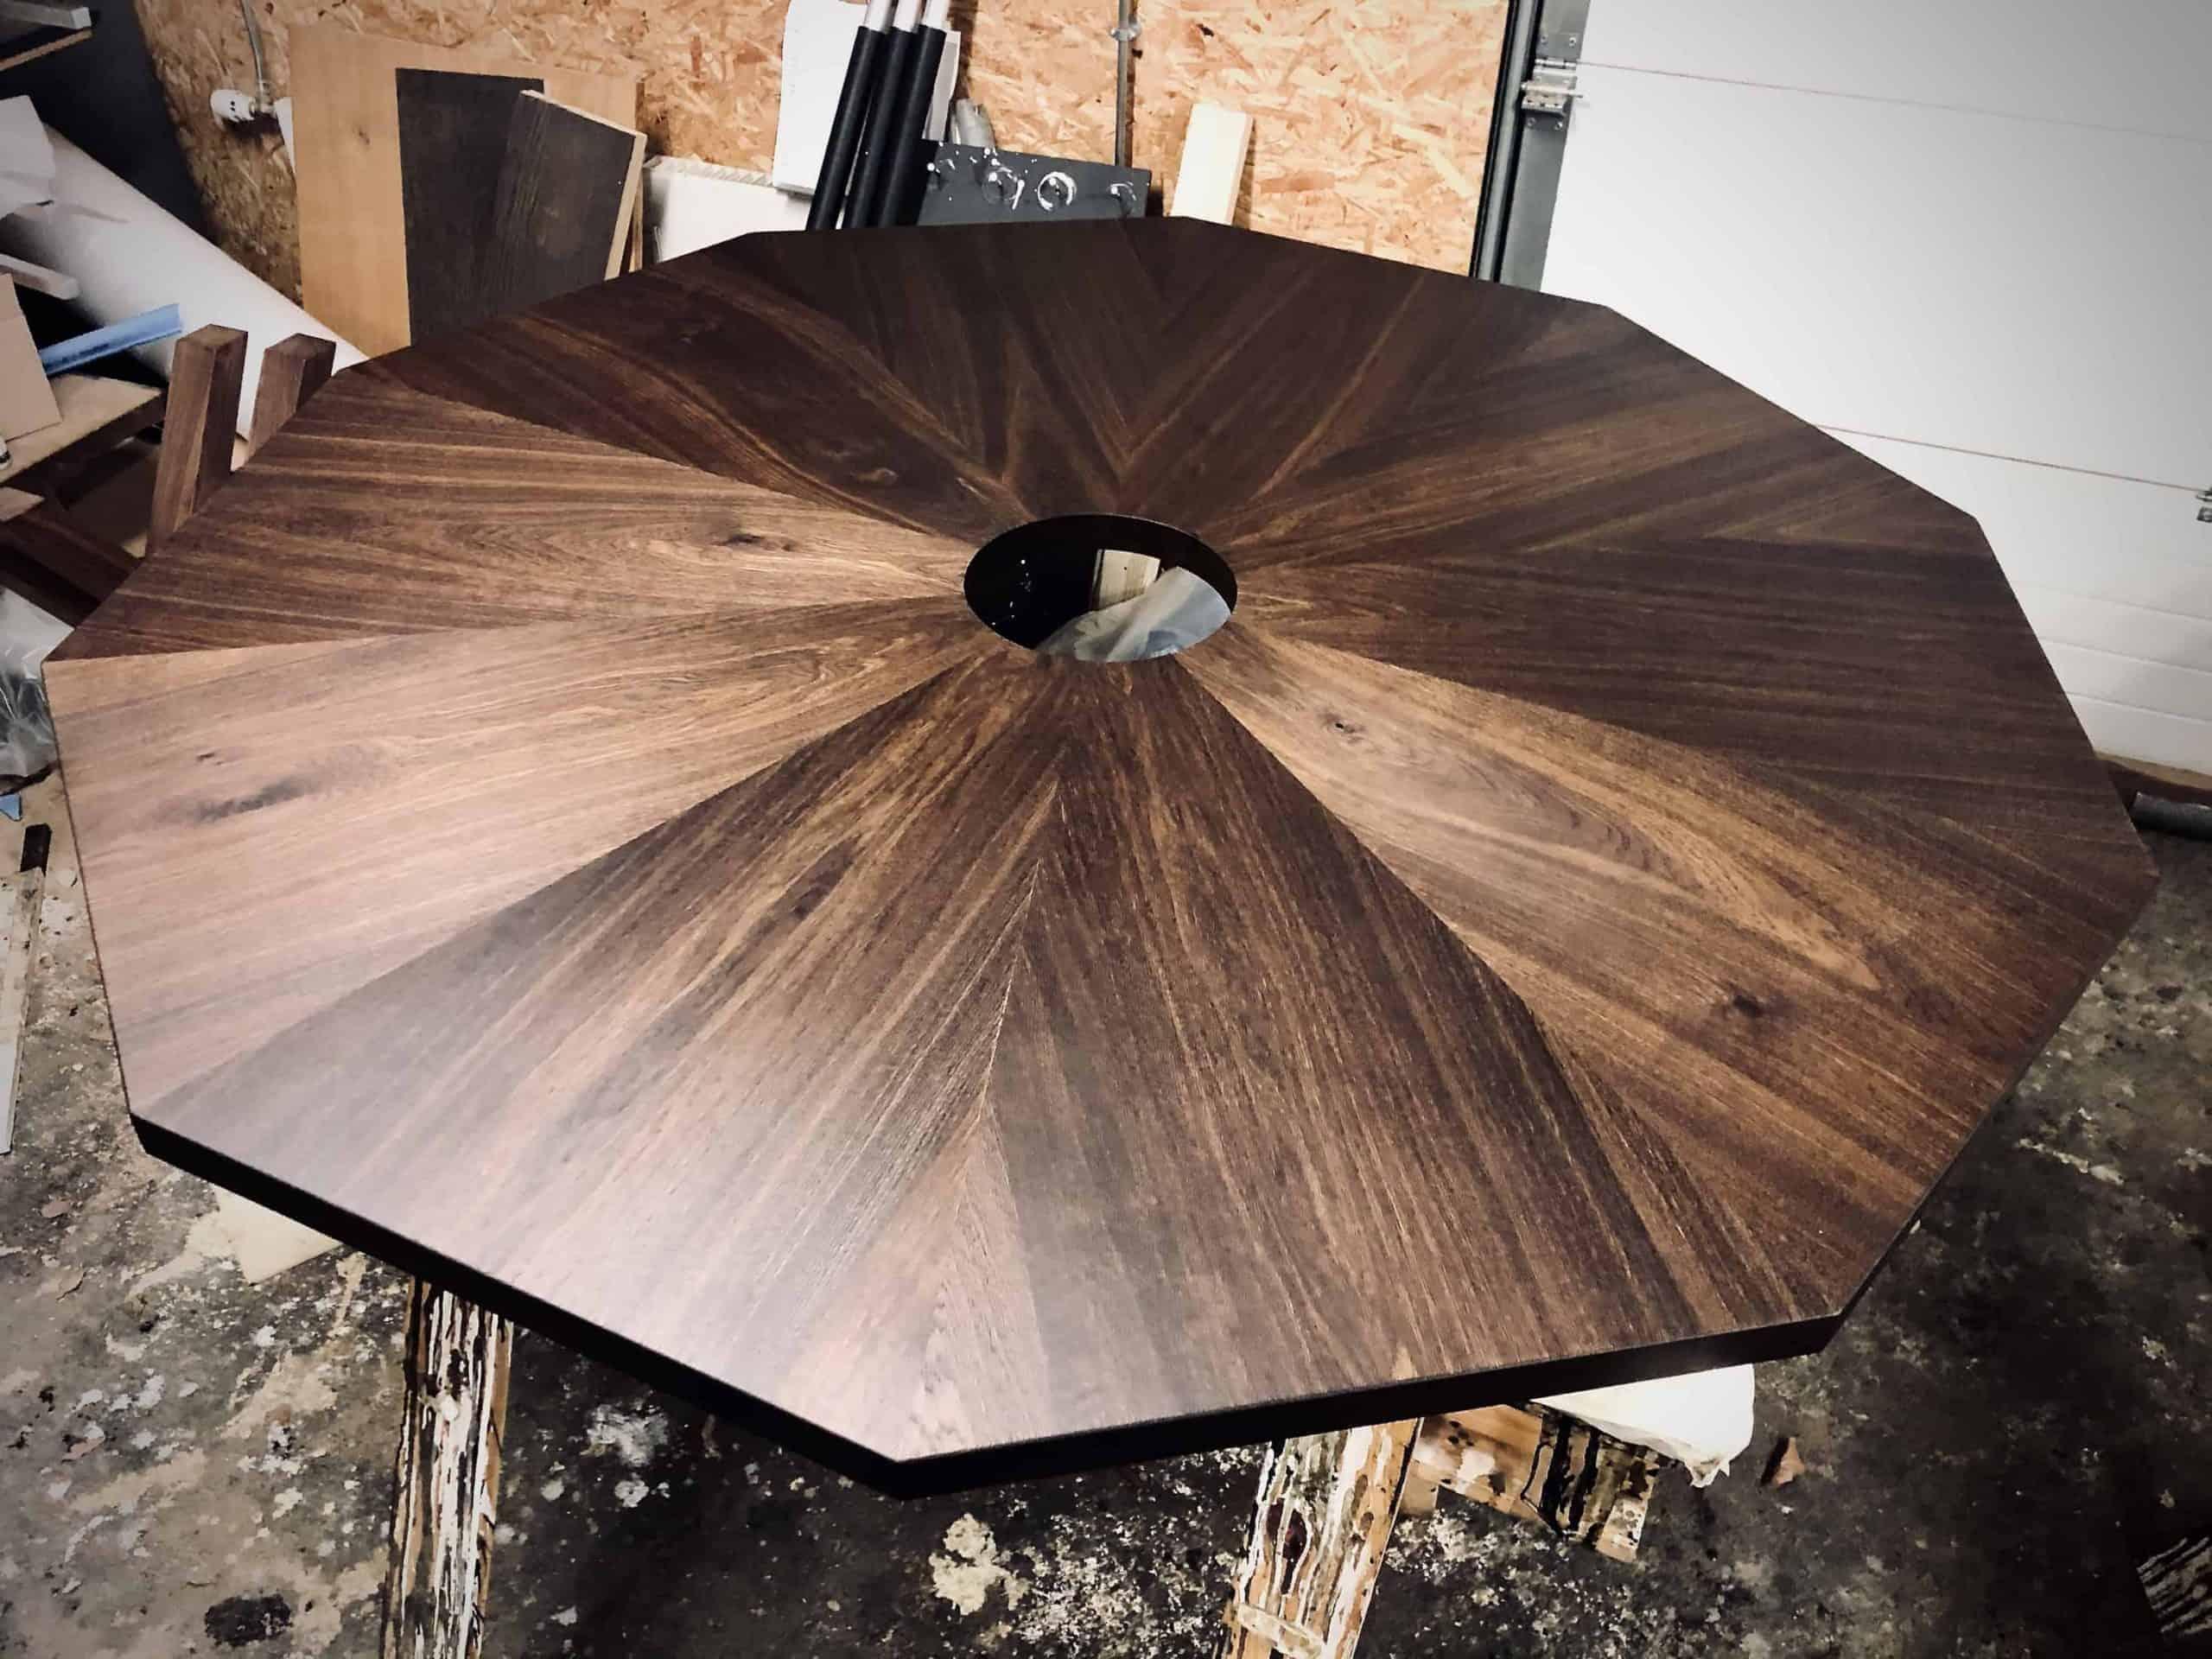 Seks kant Rundt bord rundbord 12 scaled bord med seks kanter som er rundt runde borde